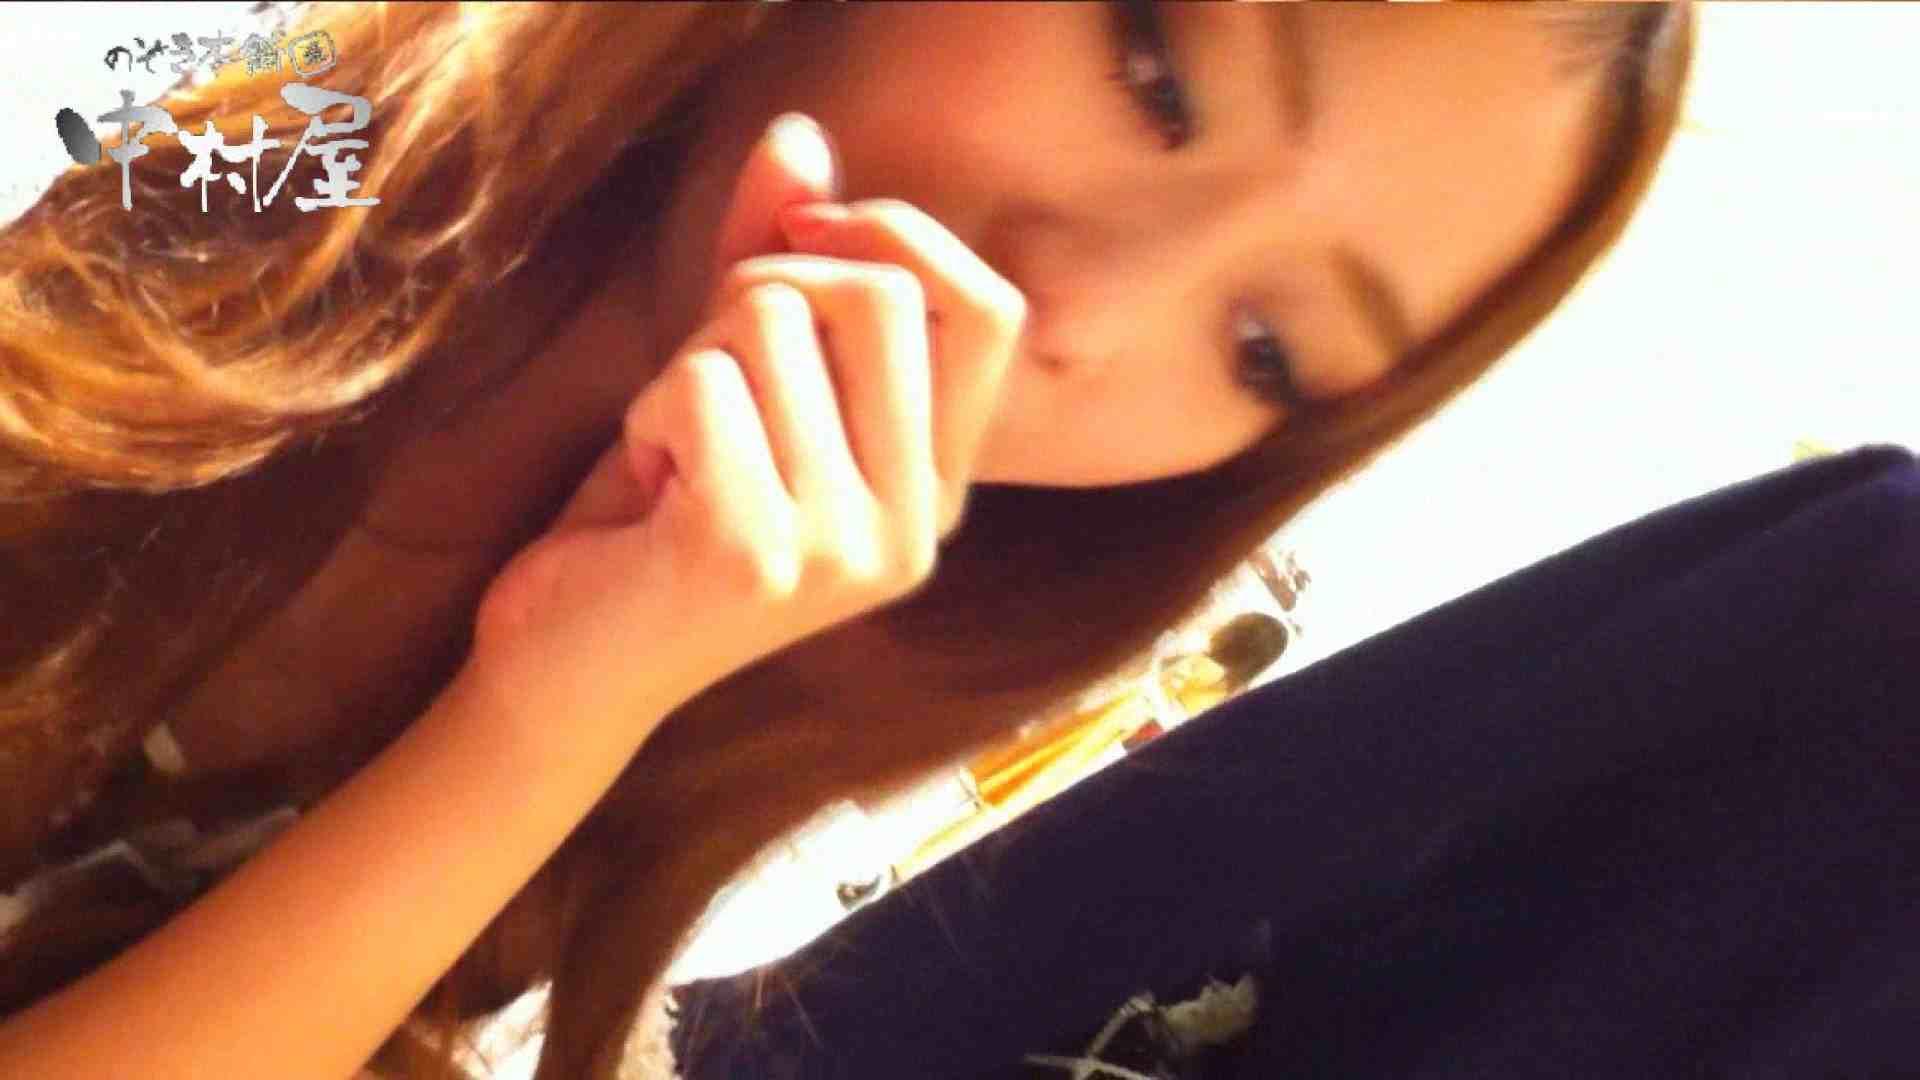 vol.62 美人アパレル胸チラ&パンチラ 笑顔のチャーミングなおねぃさん 接写 | パンチラ  50pic 20